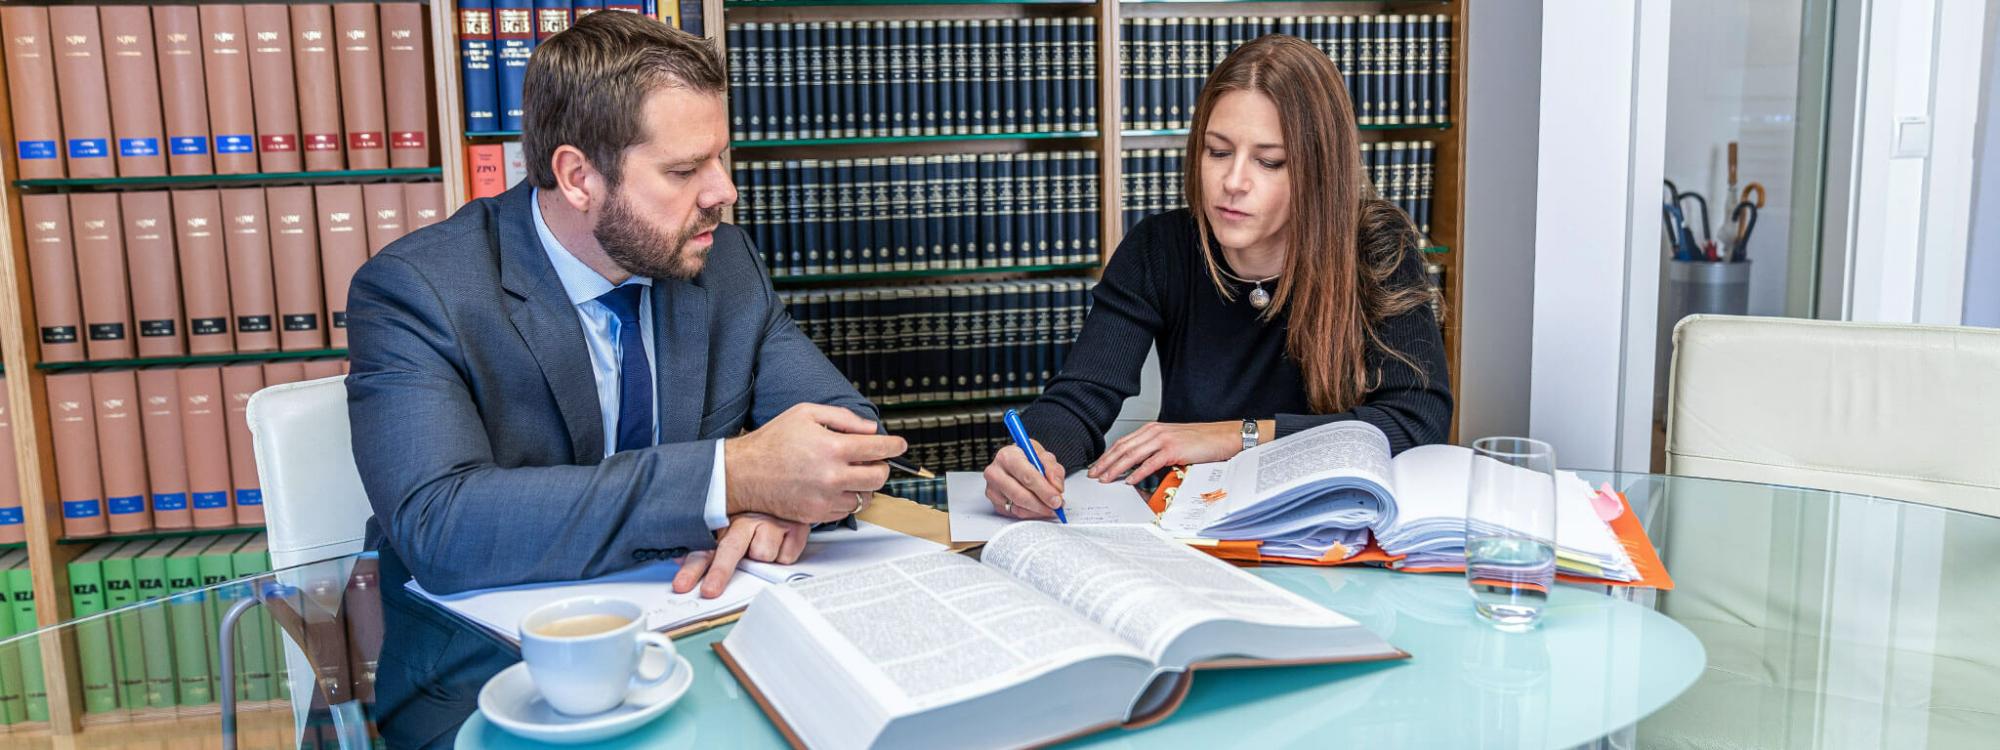 Anwälte der Rechtsanwaltskanzlei Schima in Passau